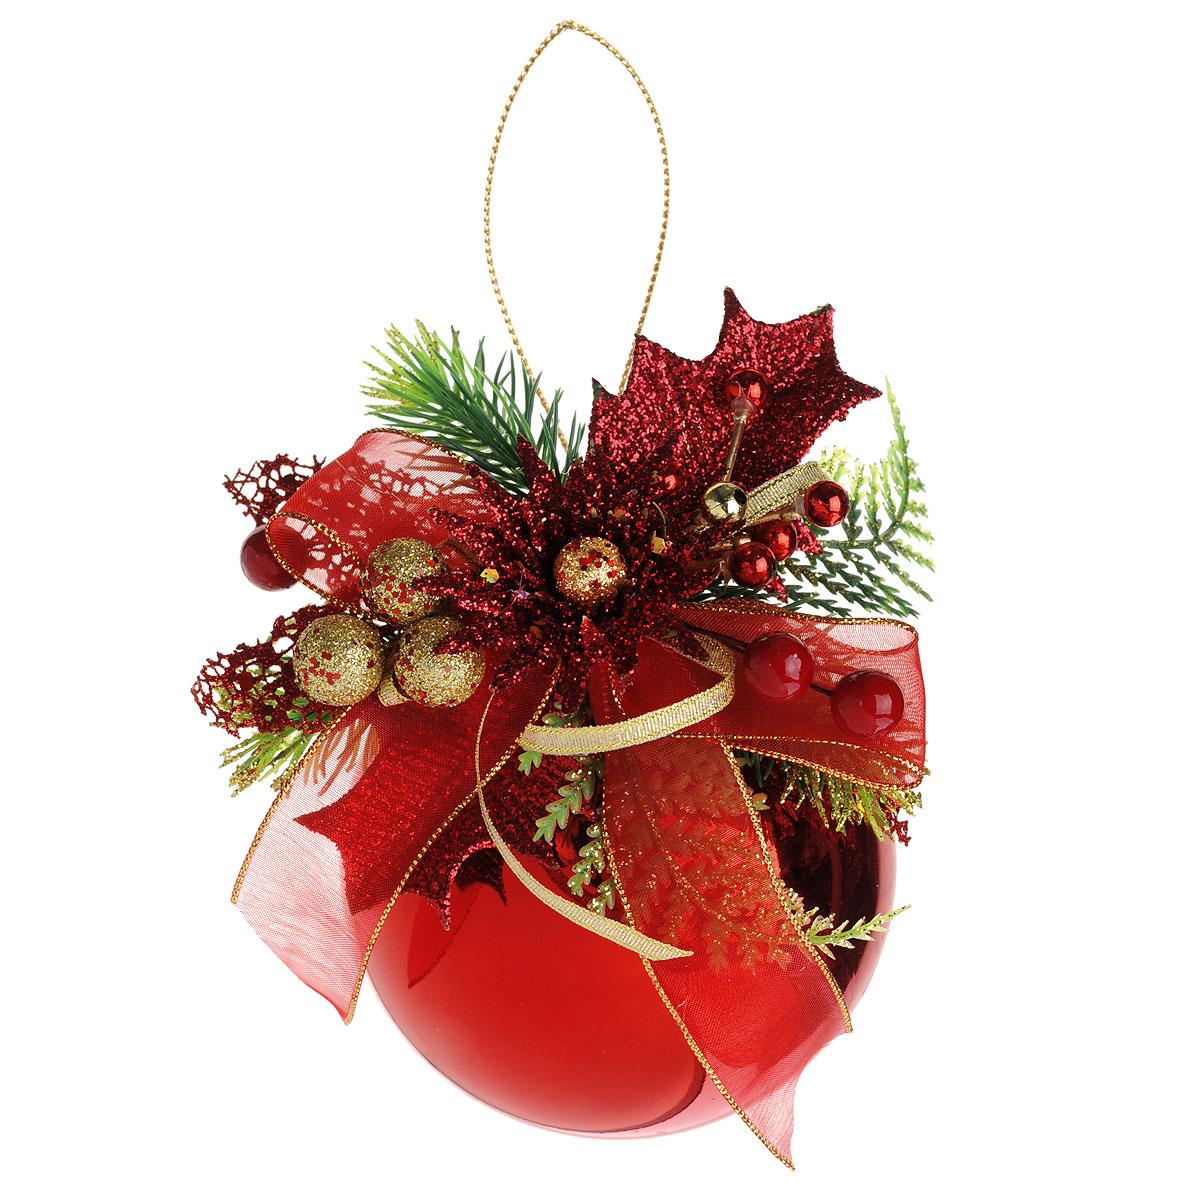 Новогоднее подвесное украшение Sima-land Шар, цвет: красный, диаметр 10 см. 705357C0038550Новогоднее подвесное украшение Sima-land Шар прекрасно подойдет для праздничного декора новогодней ели. Шар выполнен из пластика с глянцевой поверхностью и украшен композицией из пластиковых веточек, листочков и шариков, декорированных глиттером. Для удобного размещения на елке для шара предусмотрена текстильная веревочка.Елочная игрушка - символ Нового года. Она несет в себе волшебство и красоту праздника. Создайте в своем доме атмосферу веселья и радости, украшая новогоднюю елку нарядными игрушками, которые будут из года в год накапливать теплоту воспоминаний. Коллекция декоративных украшений принесет в ваш дом ни с чем не сравнимое ощущение волшебства! Откройте для себя удивительный мир сказок и грез. Почувствуйте волшебные минуты ожидания праздника, создайте новогоднее настроение вашим дорогим и близким.